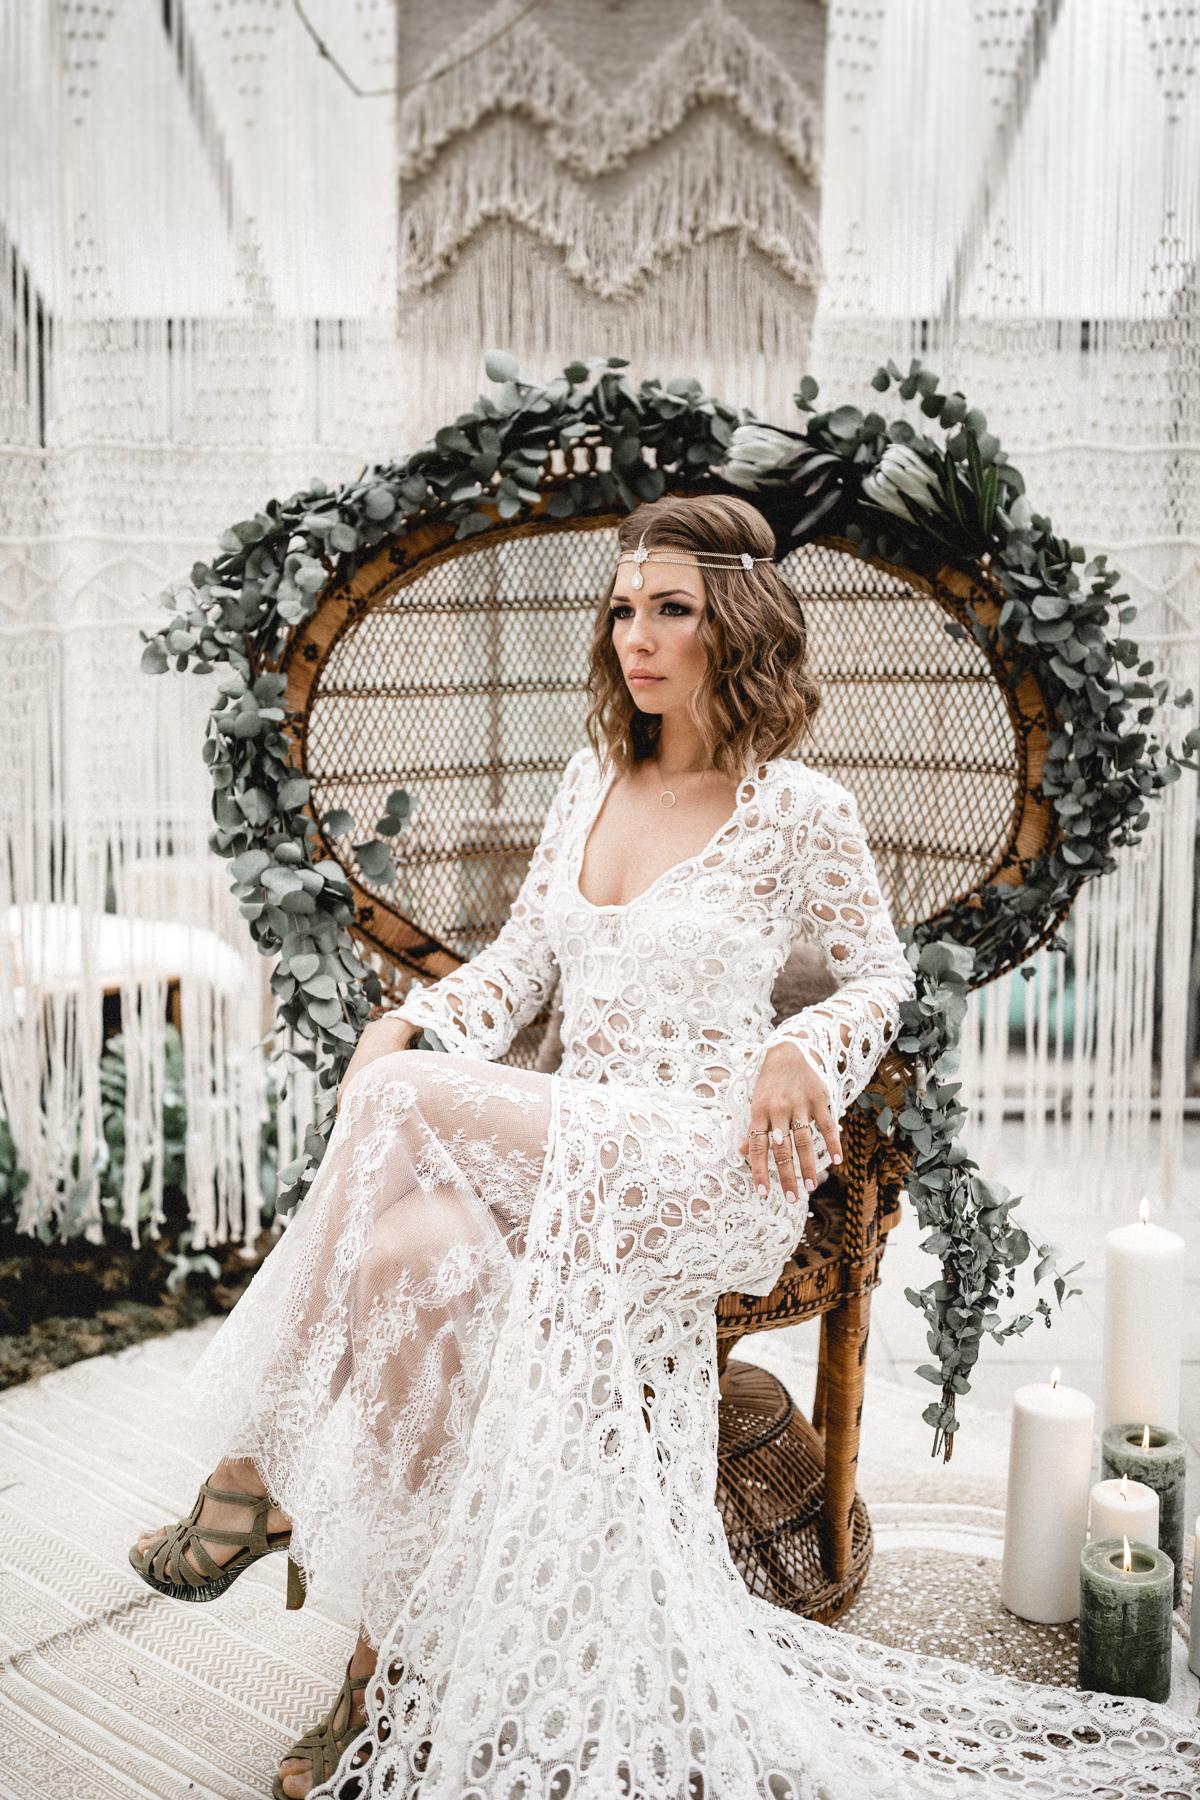 Andreas_Nusch_Hochzeitsfotografie_Brautshooting_2017_JA-Hochzeitsshop_0088